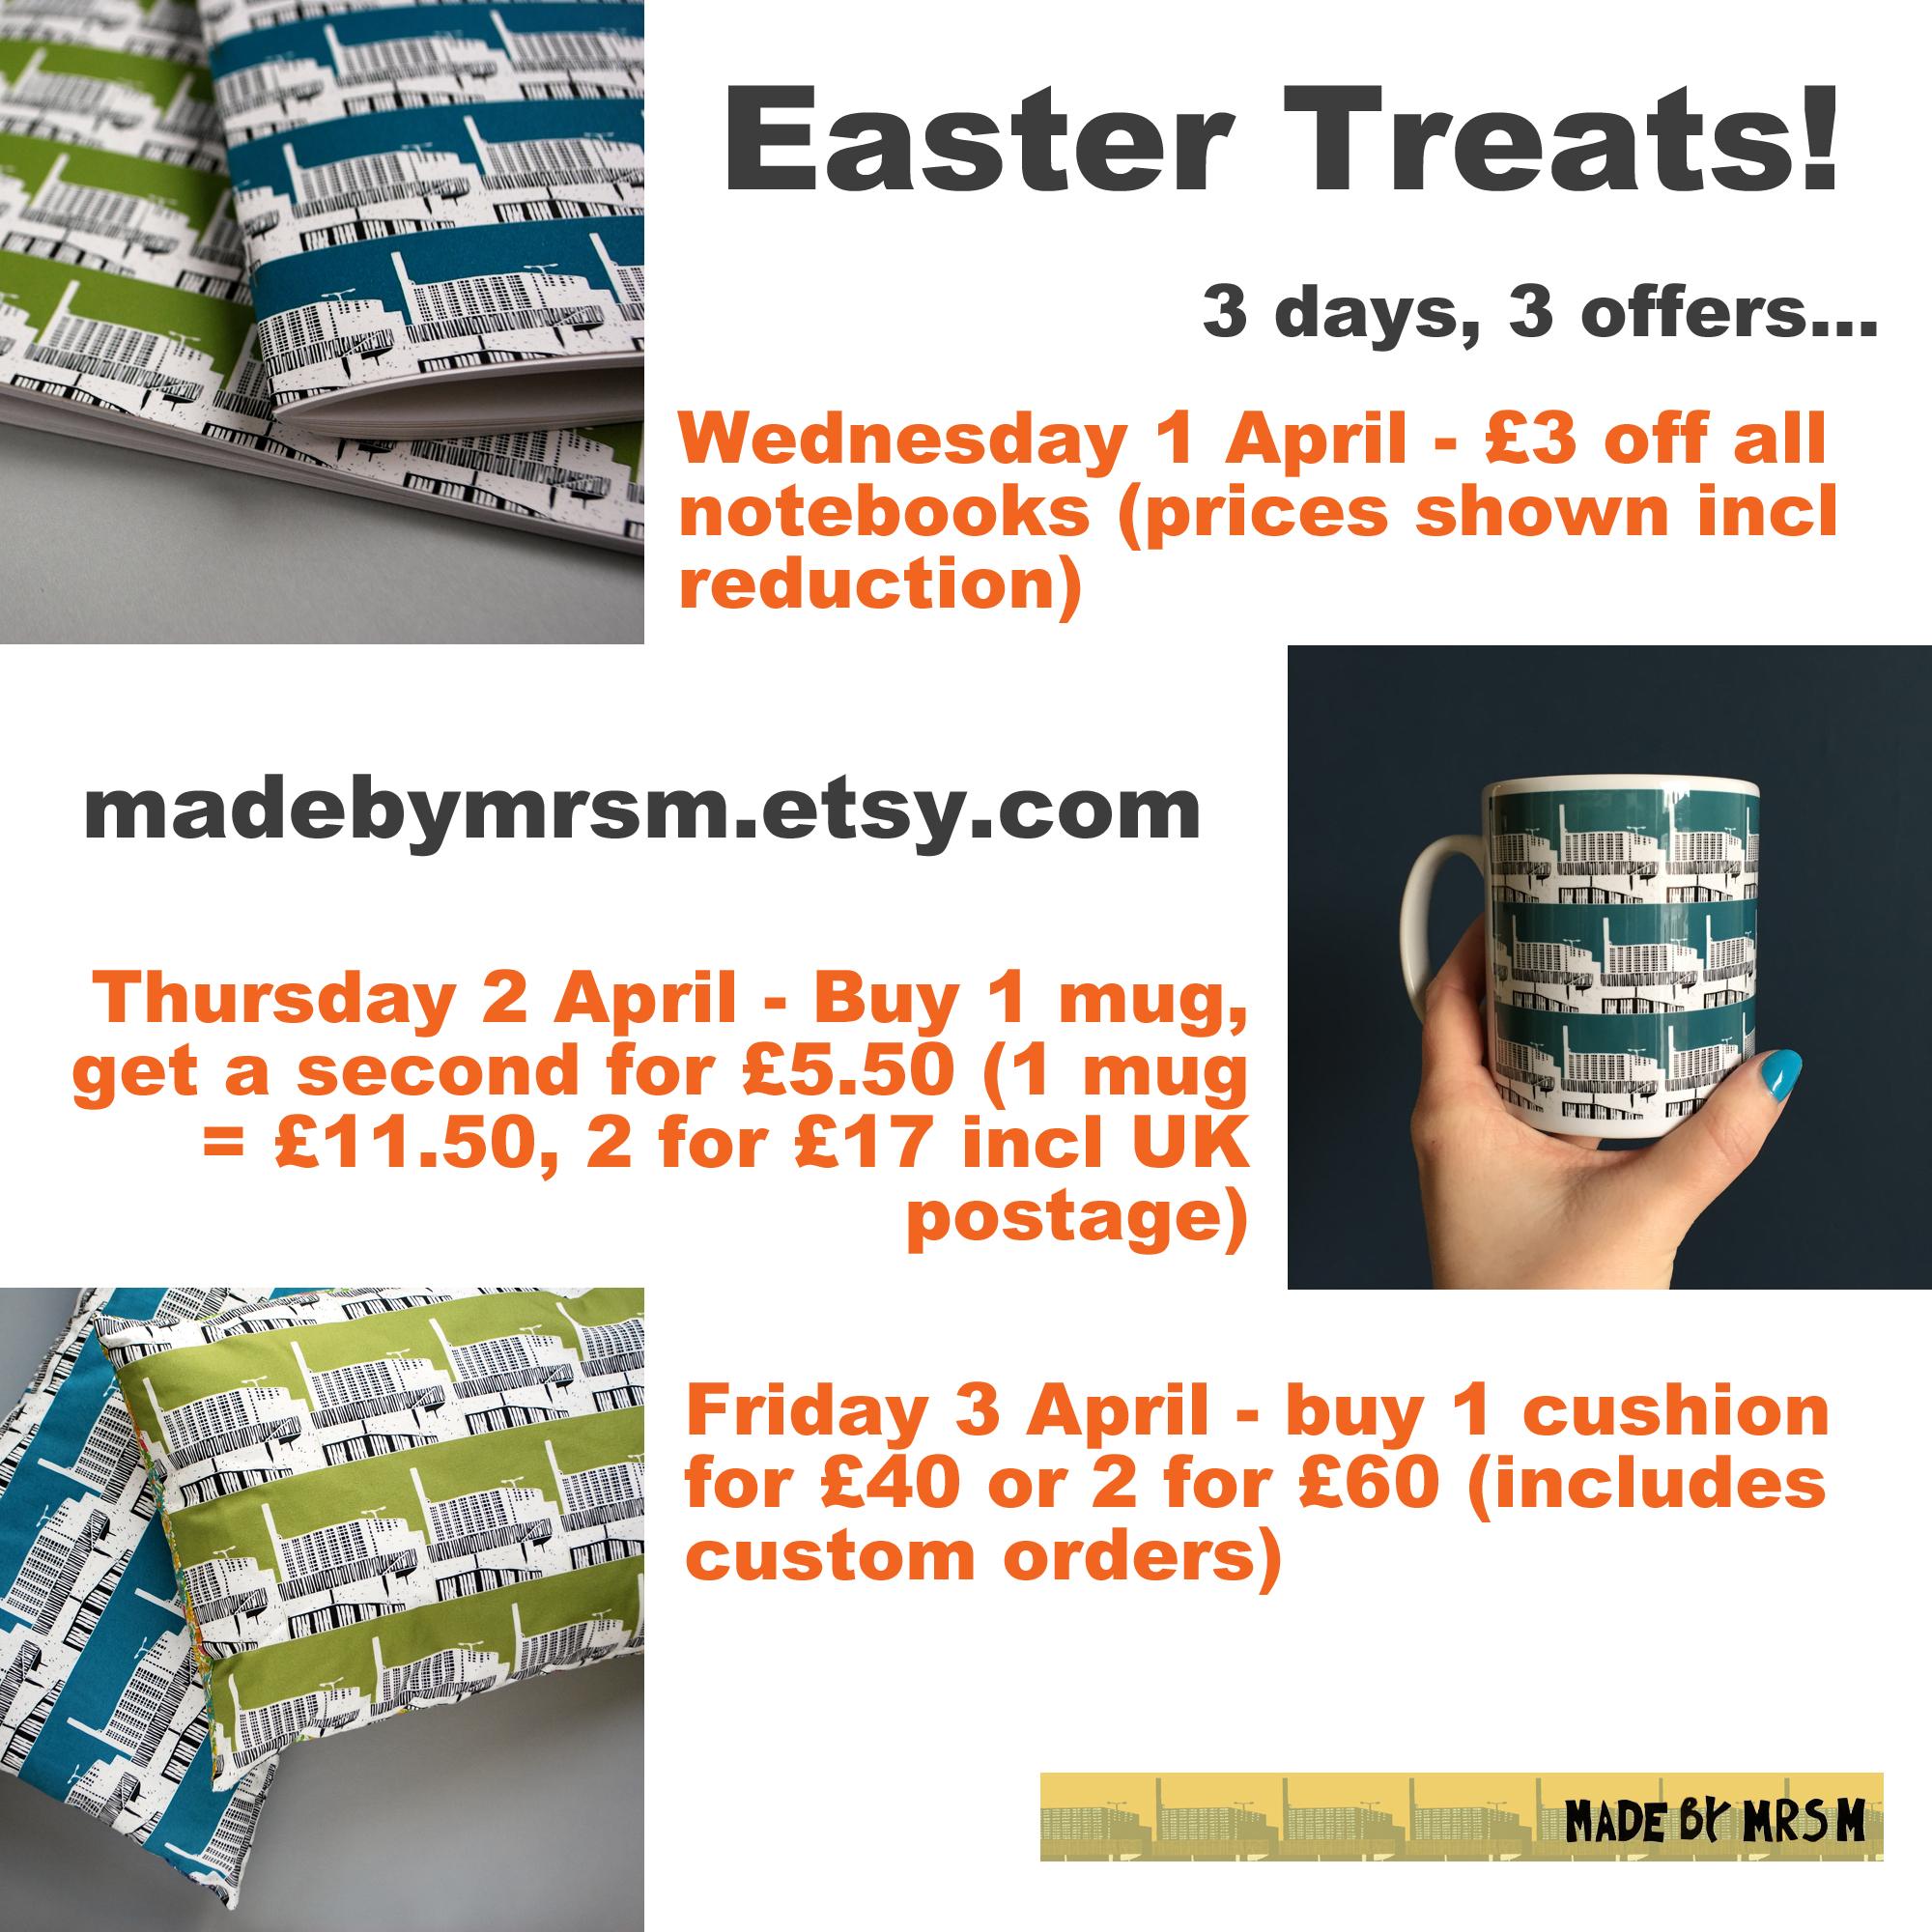 Easter Treats Main